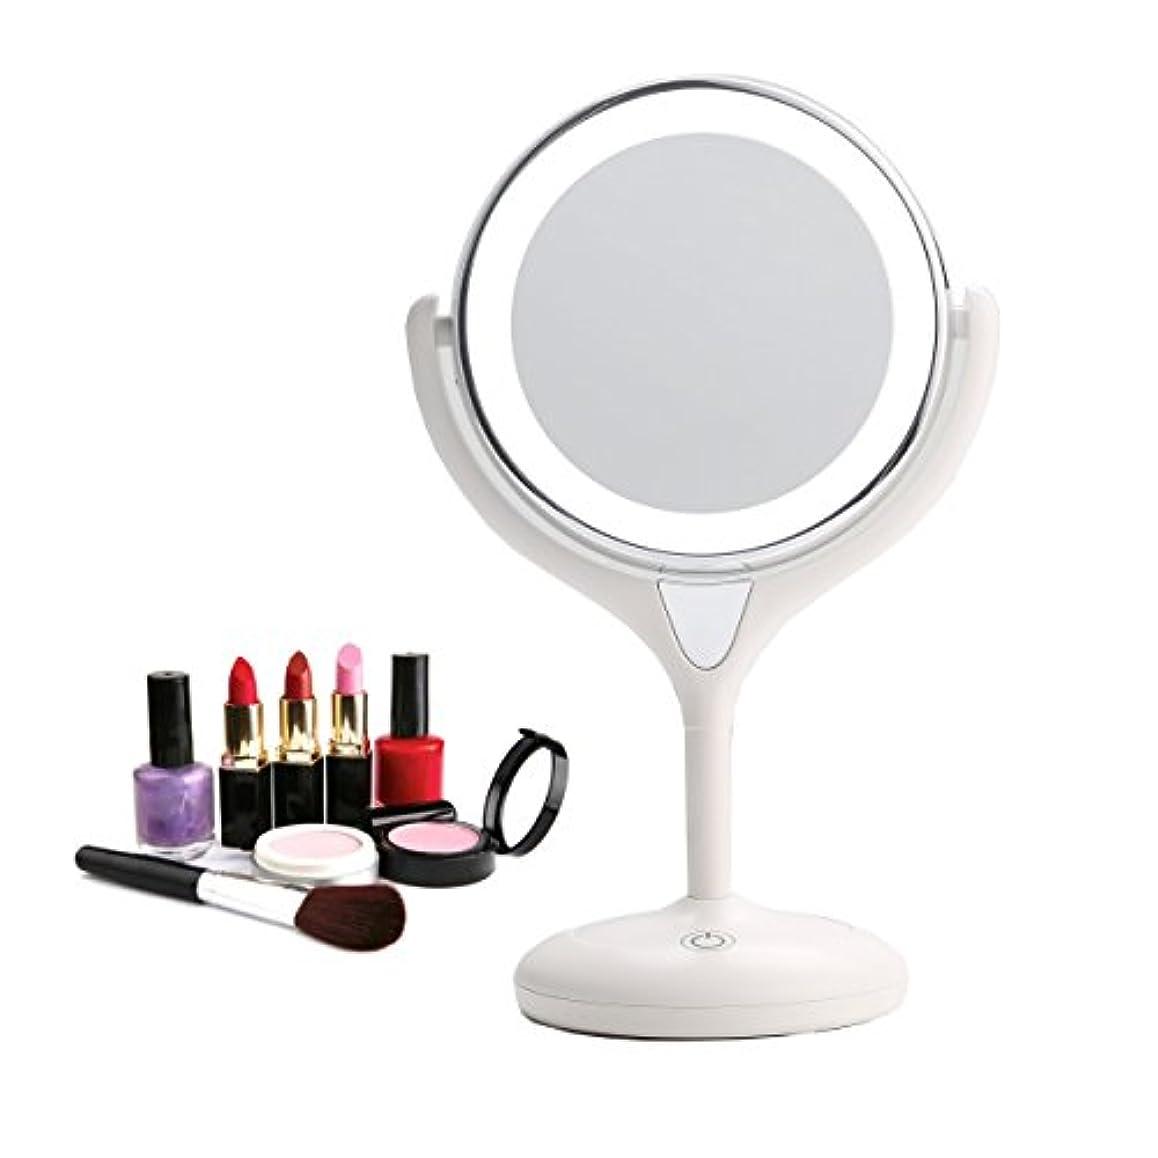 代わりにを立てる散髪尊敬Bestaid-スタンドミラー シンプルデザイン 真実の両面鏡DX 10倍拡大鏡 360度回転 卓上鏡 メイク 化粧道具 14 * 11.5 * 28.5cm